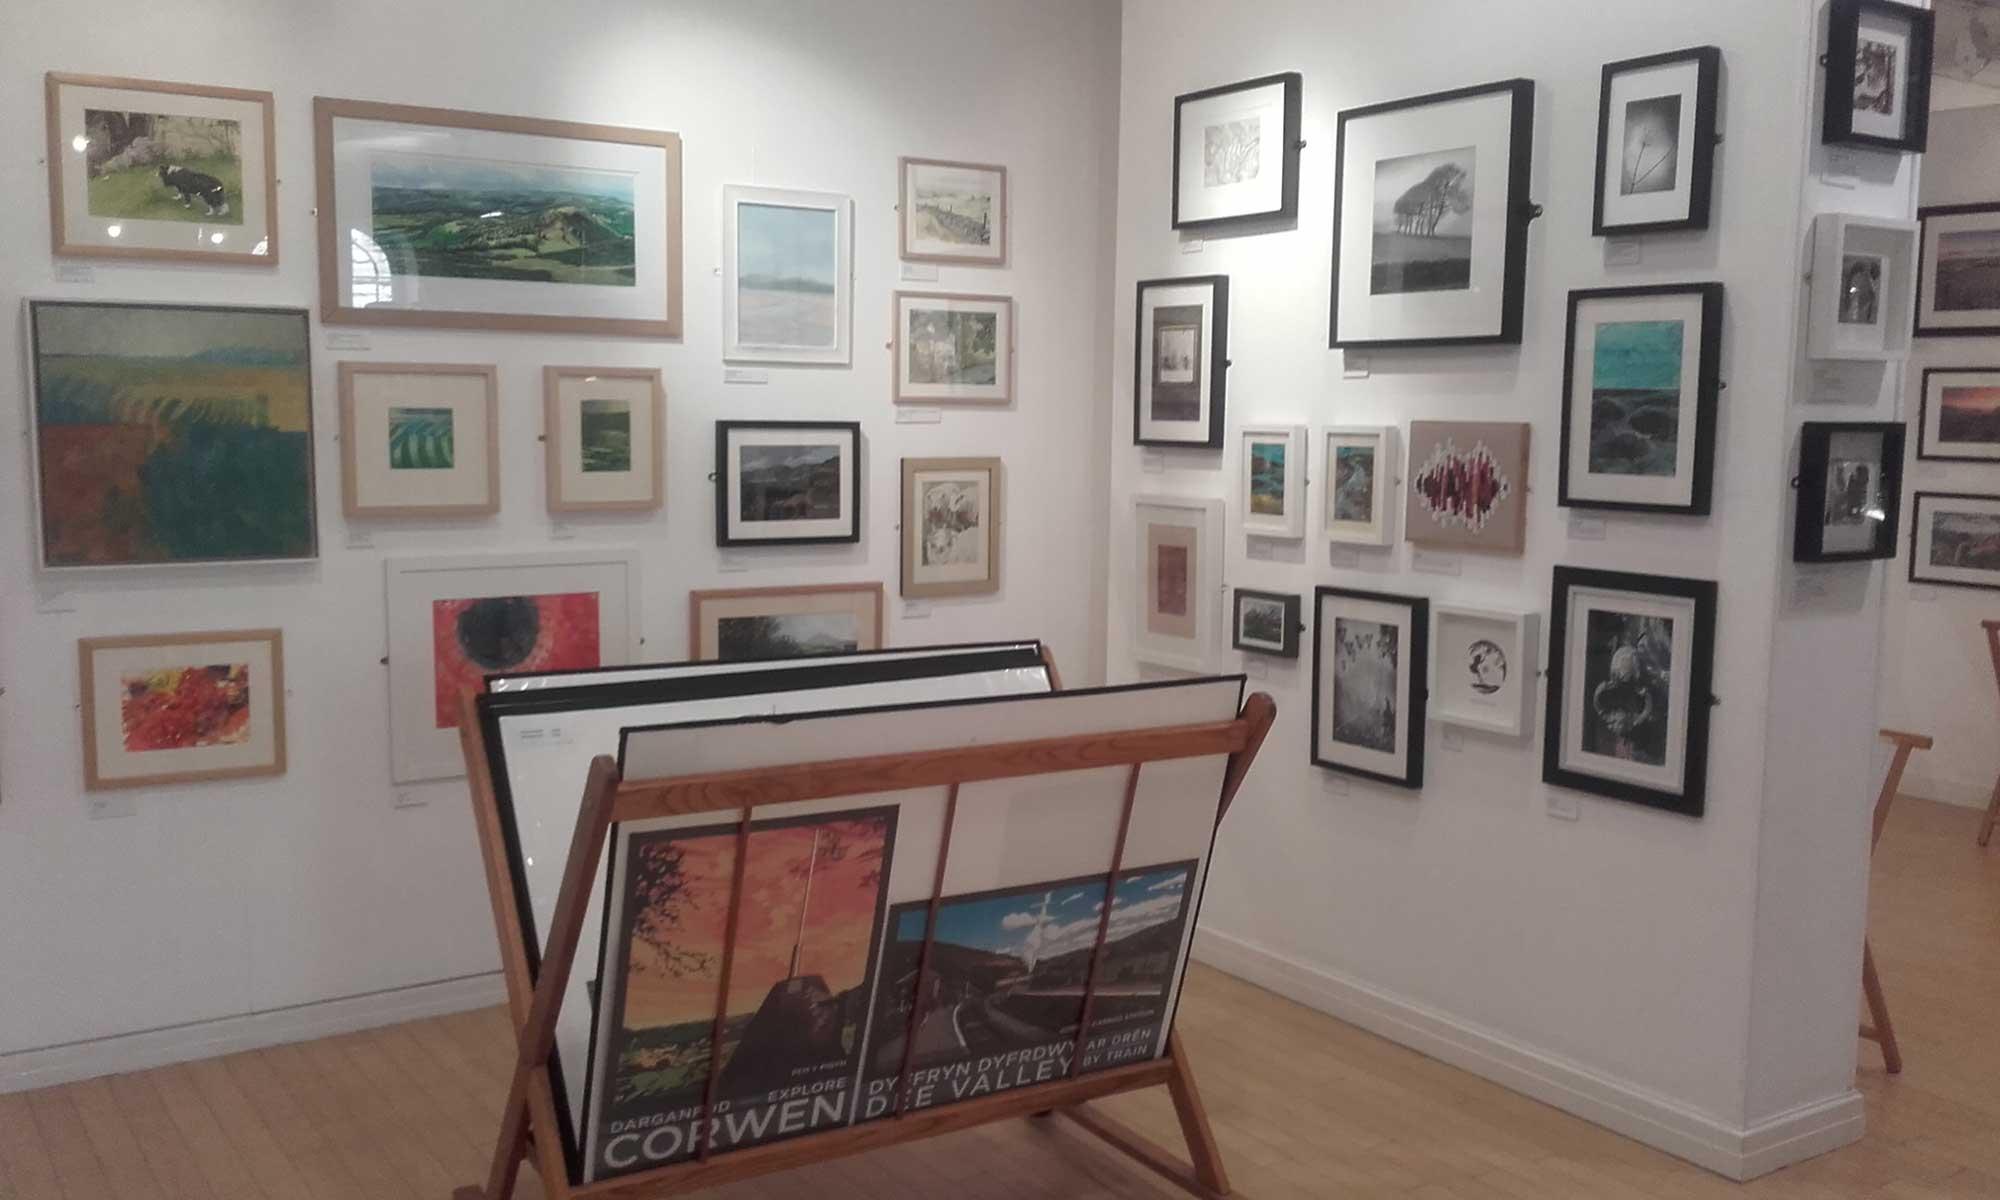 *Art at Llangollen Tourist Information Centre